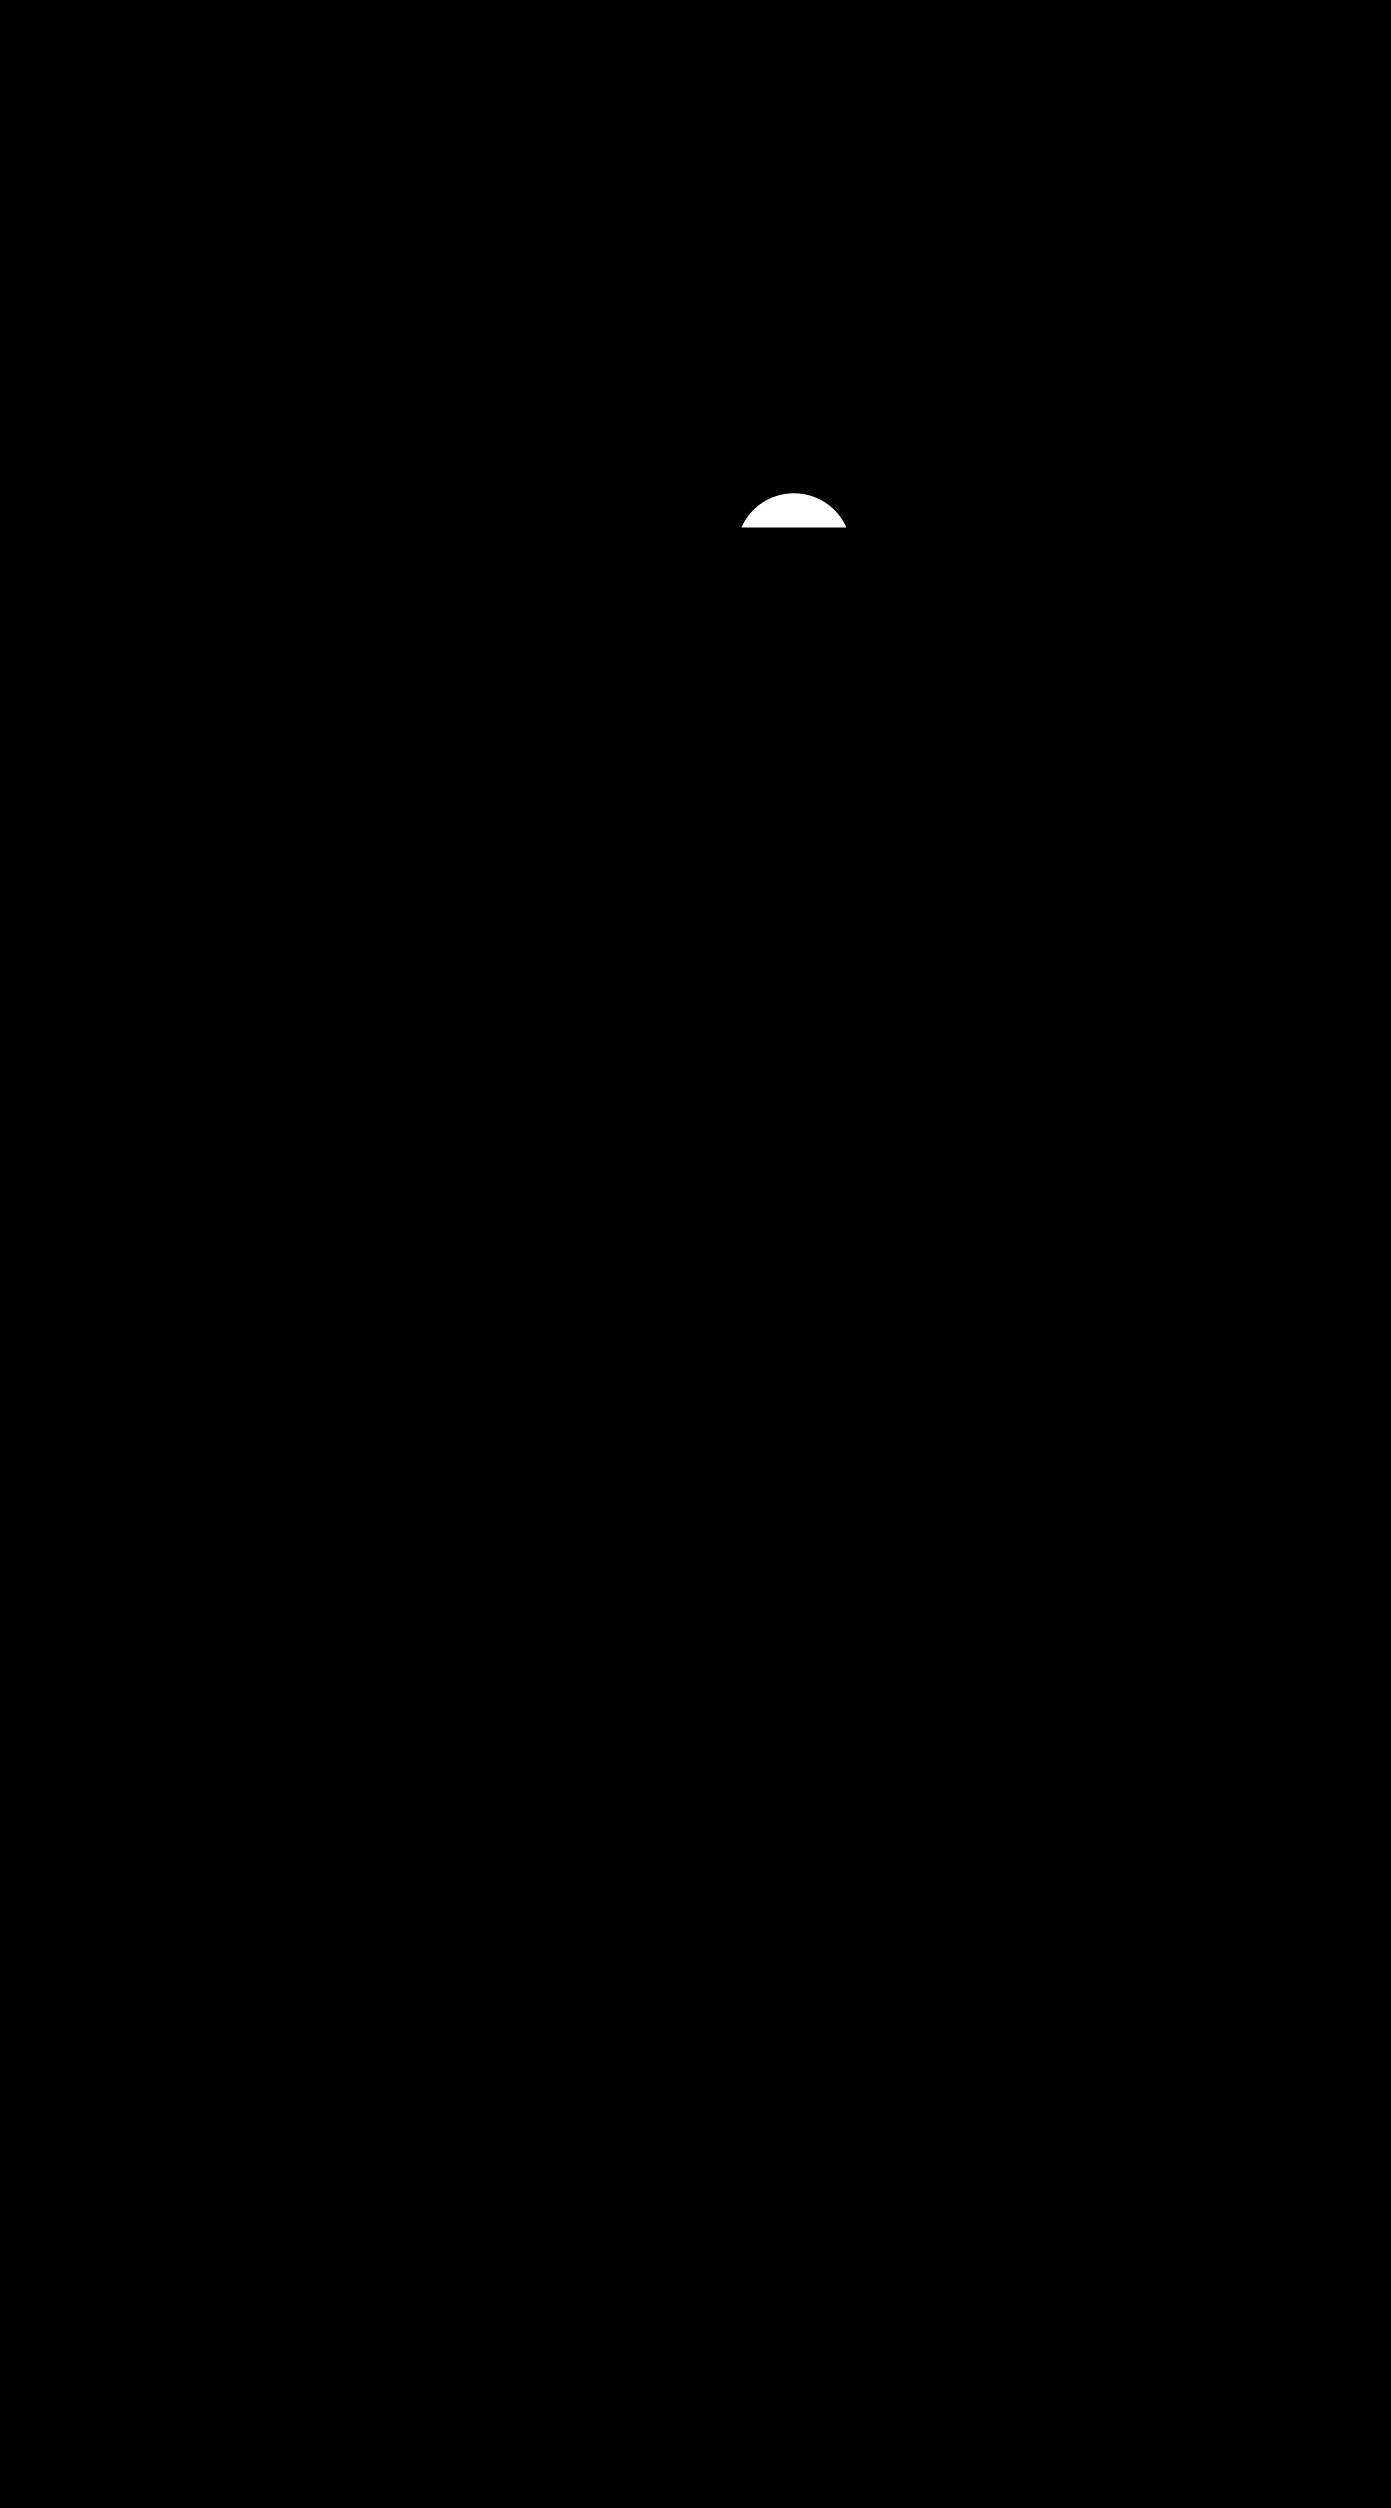 BoldJourney_LogoWithWords_Vert_Black-01.png